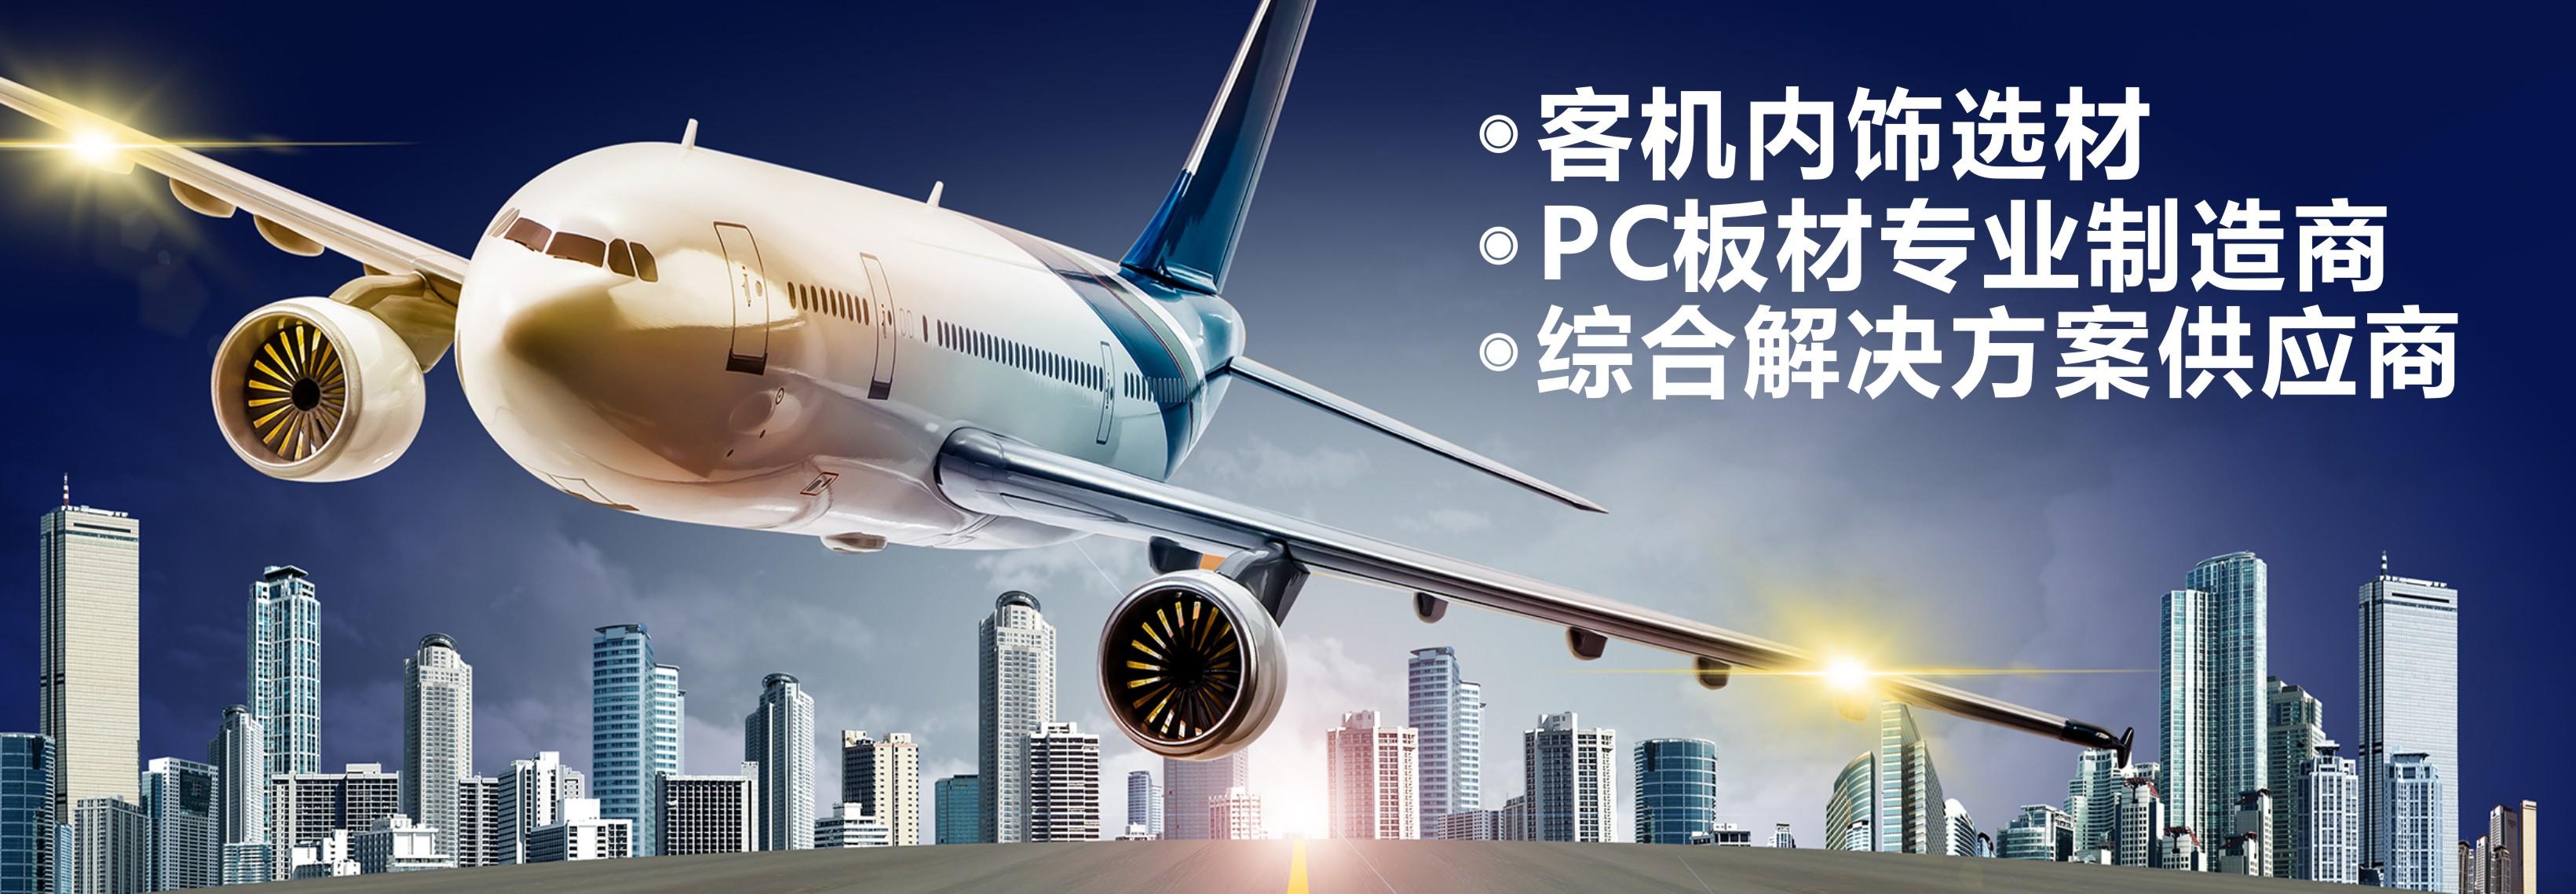 客机内饰用PC板材,PC板材专业制造商-上海绿澳